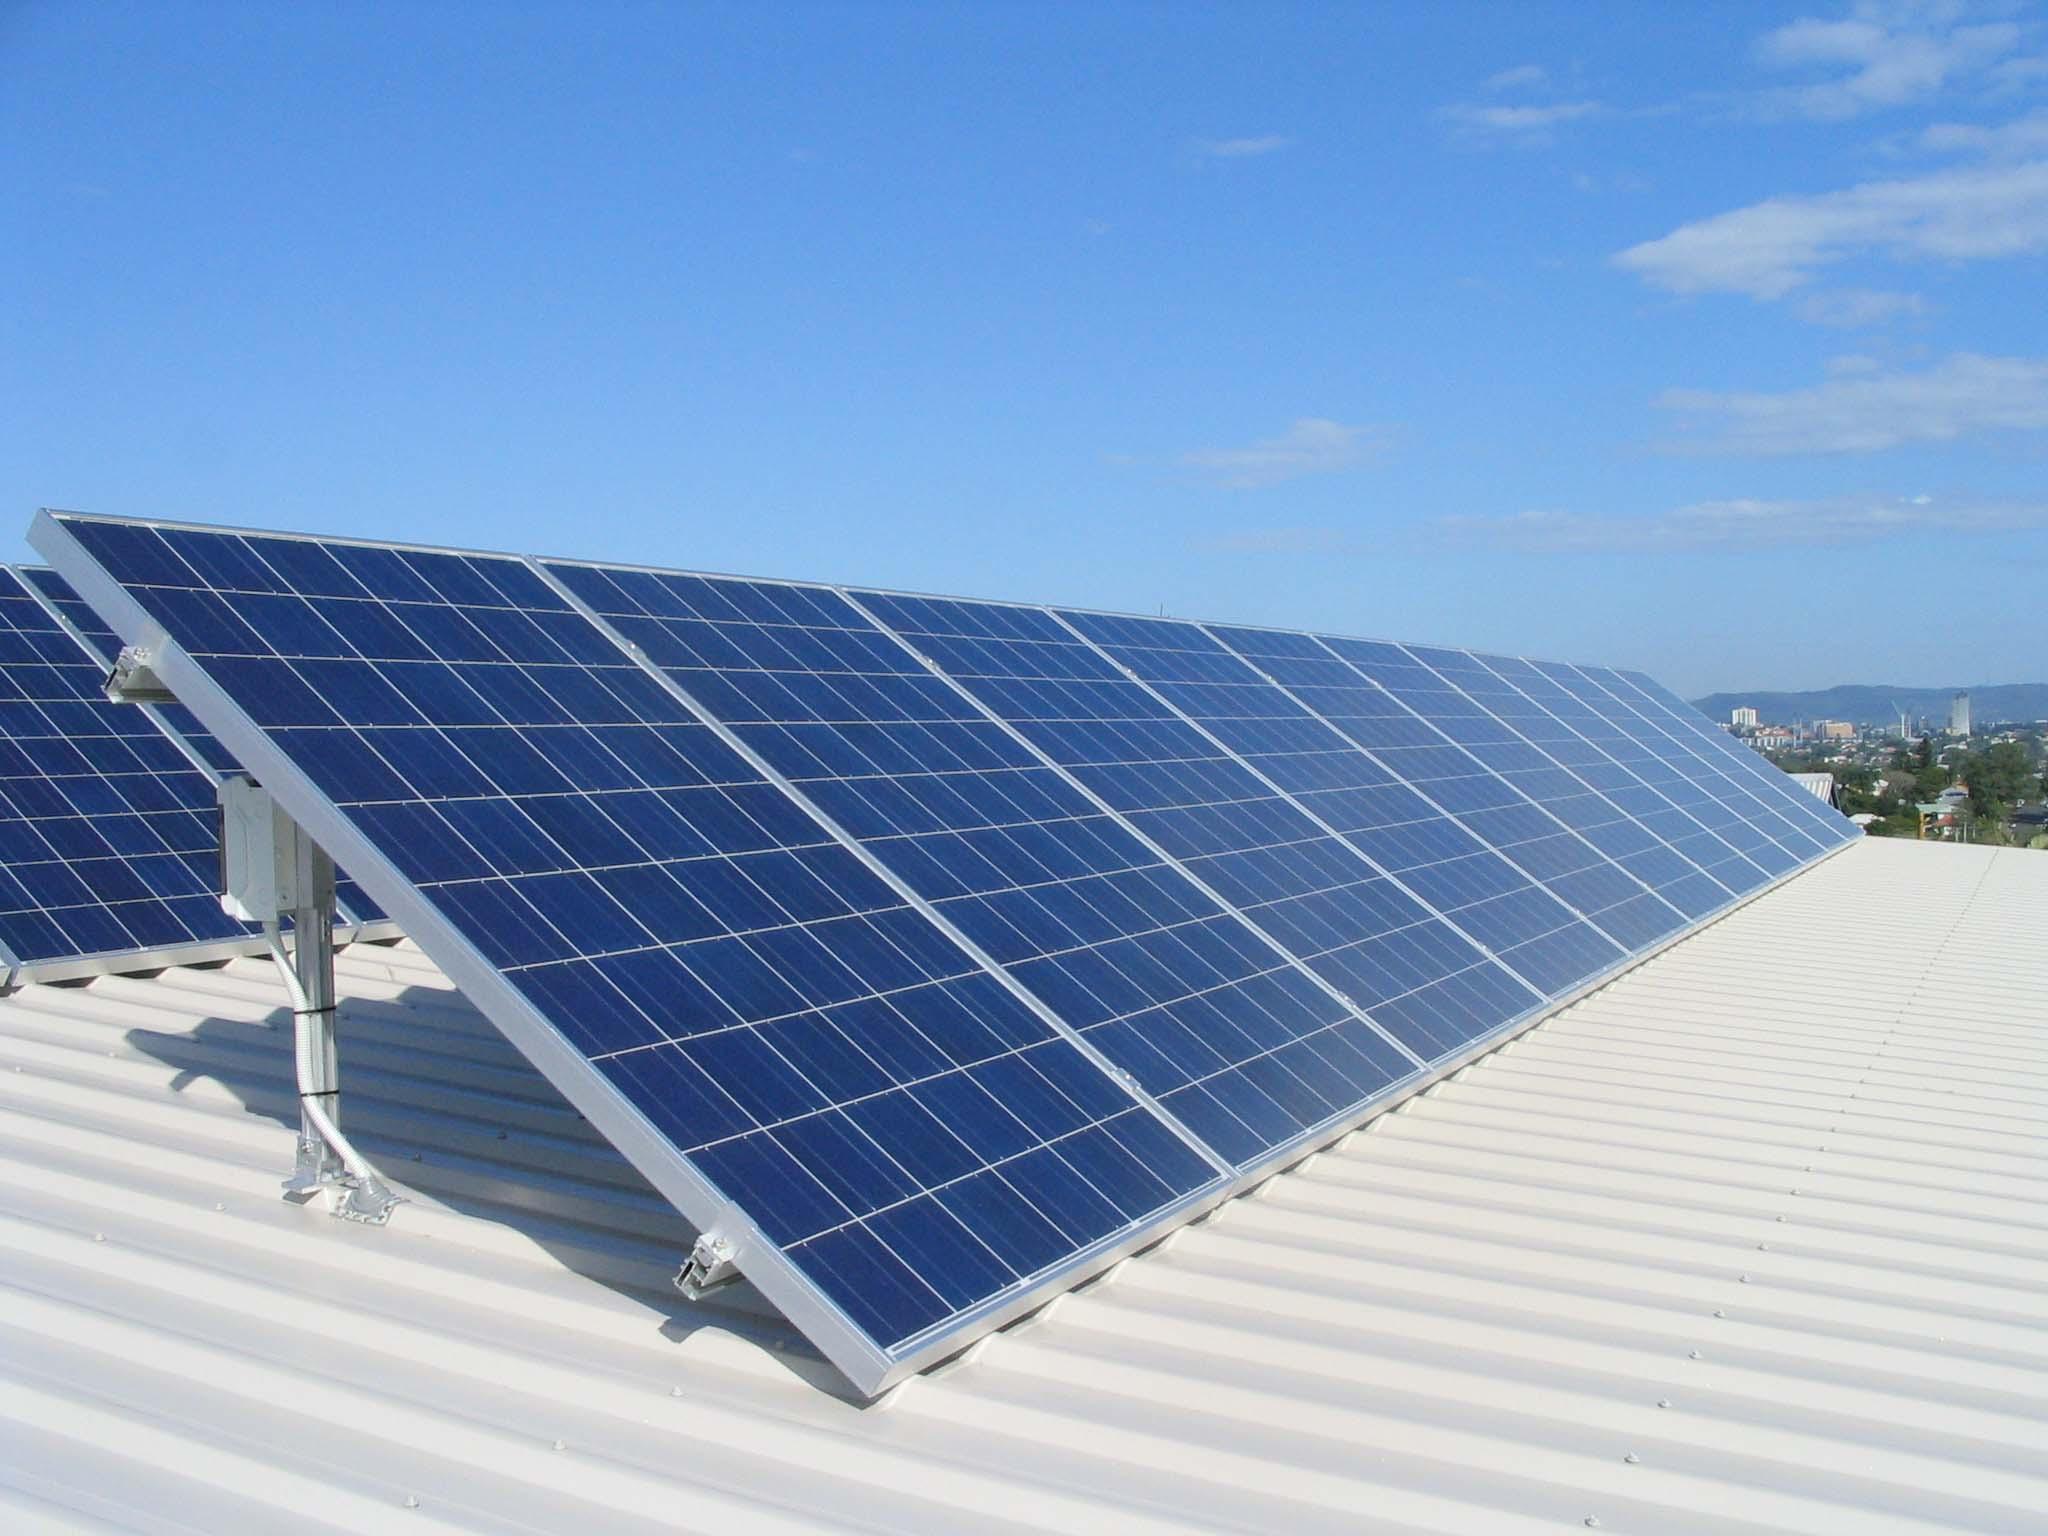 太阳能光伏标准2013年有望实现大部分统一